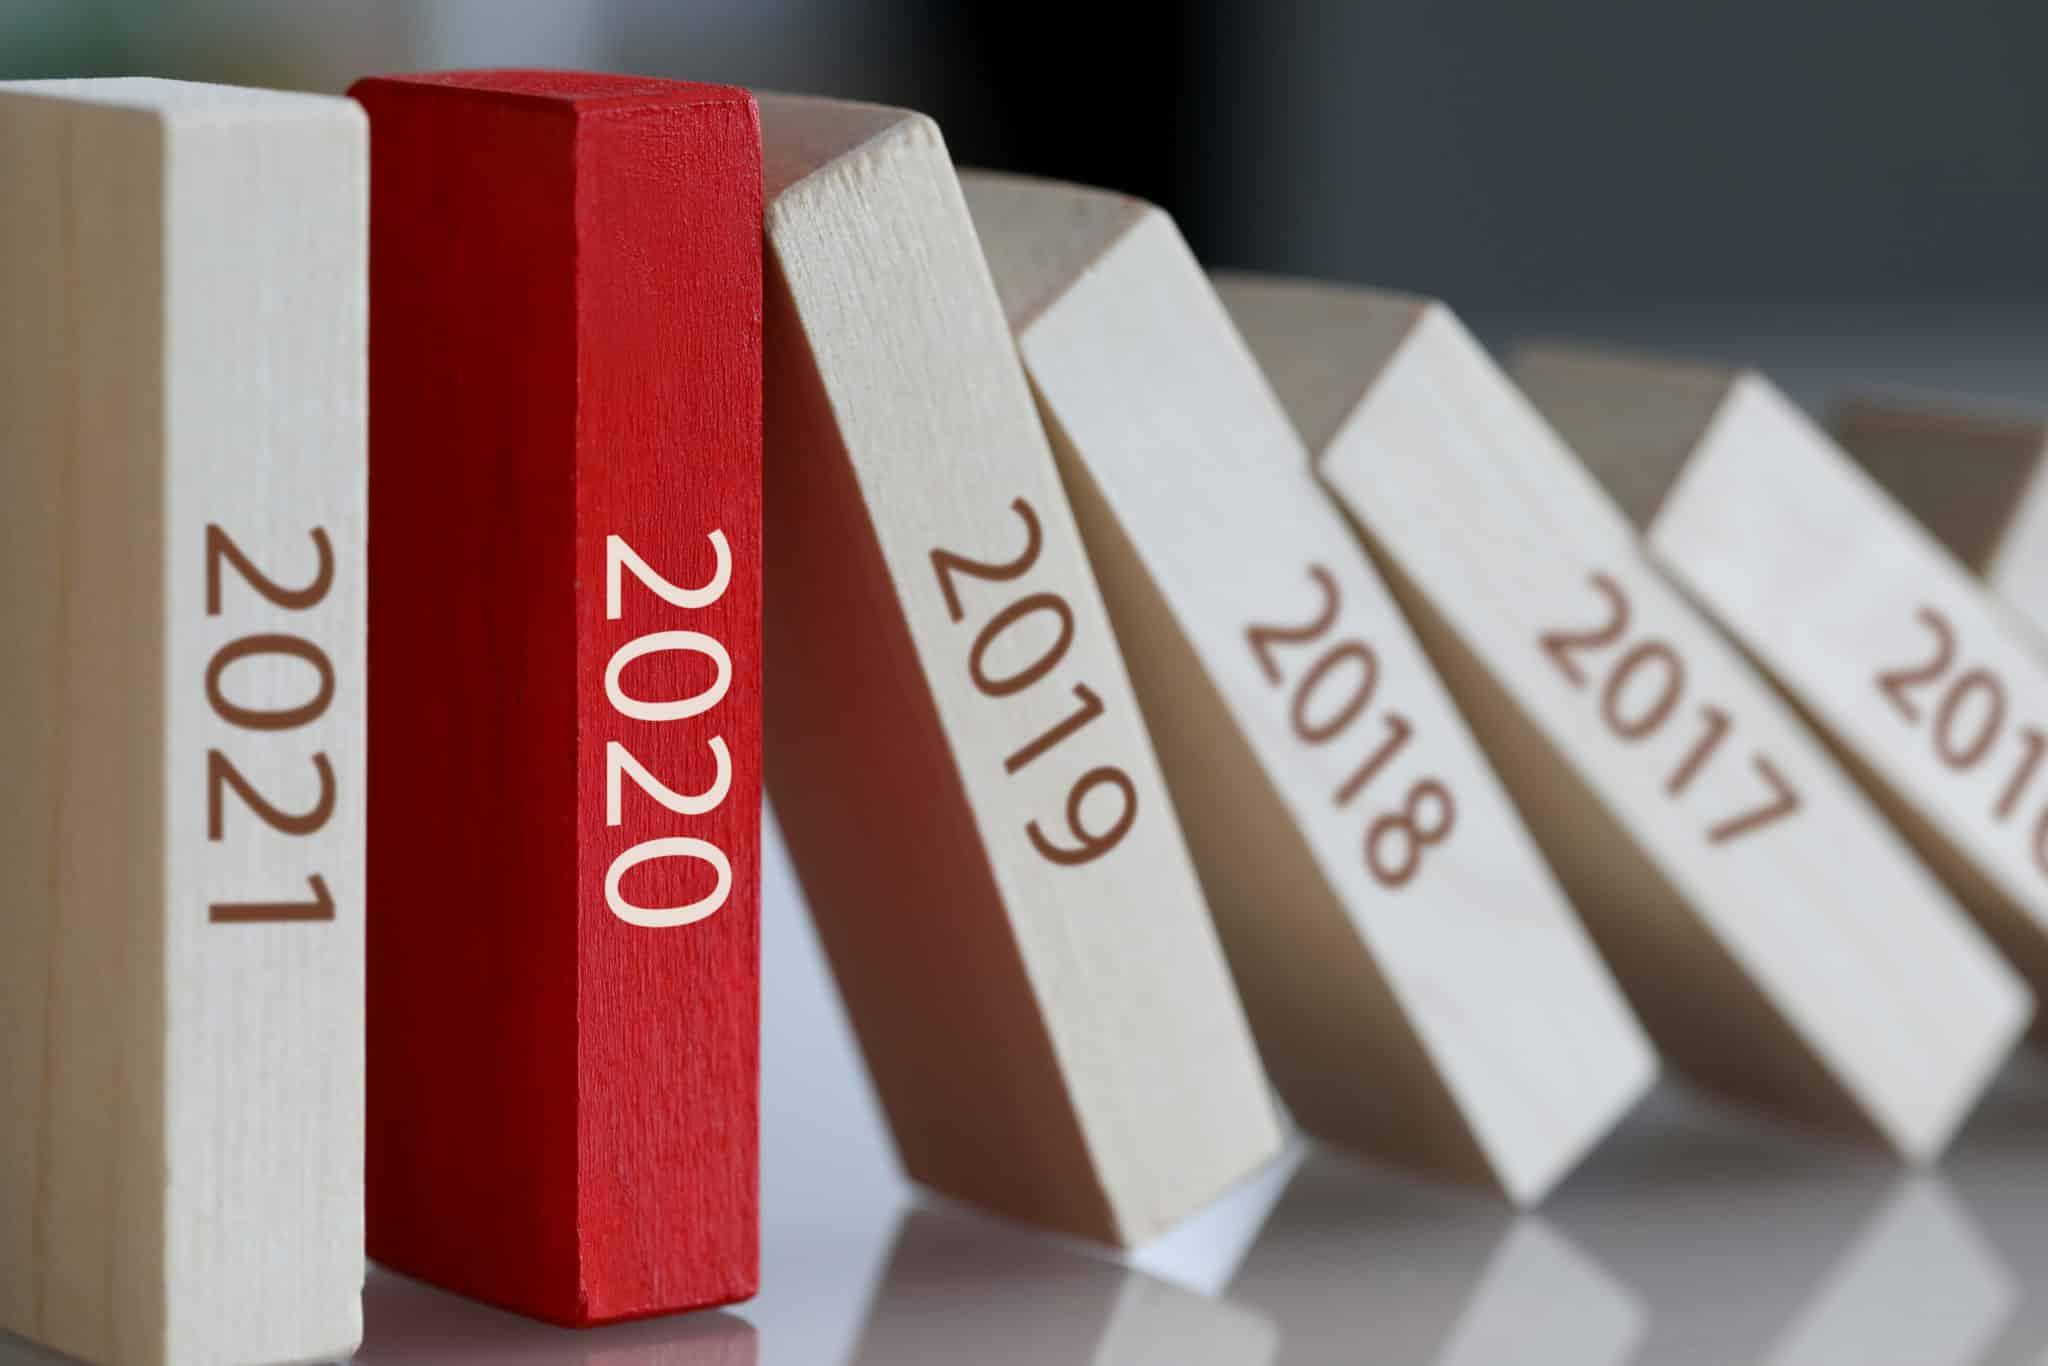 Découvrez les nouveautés fiscales pour la déclaration d'impôts 2020